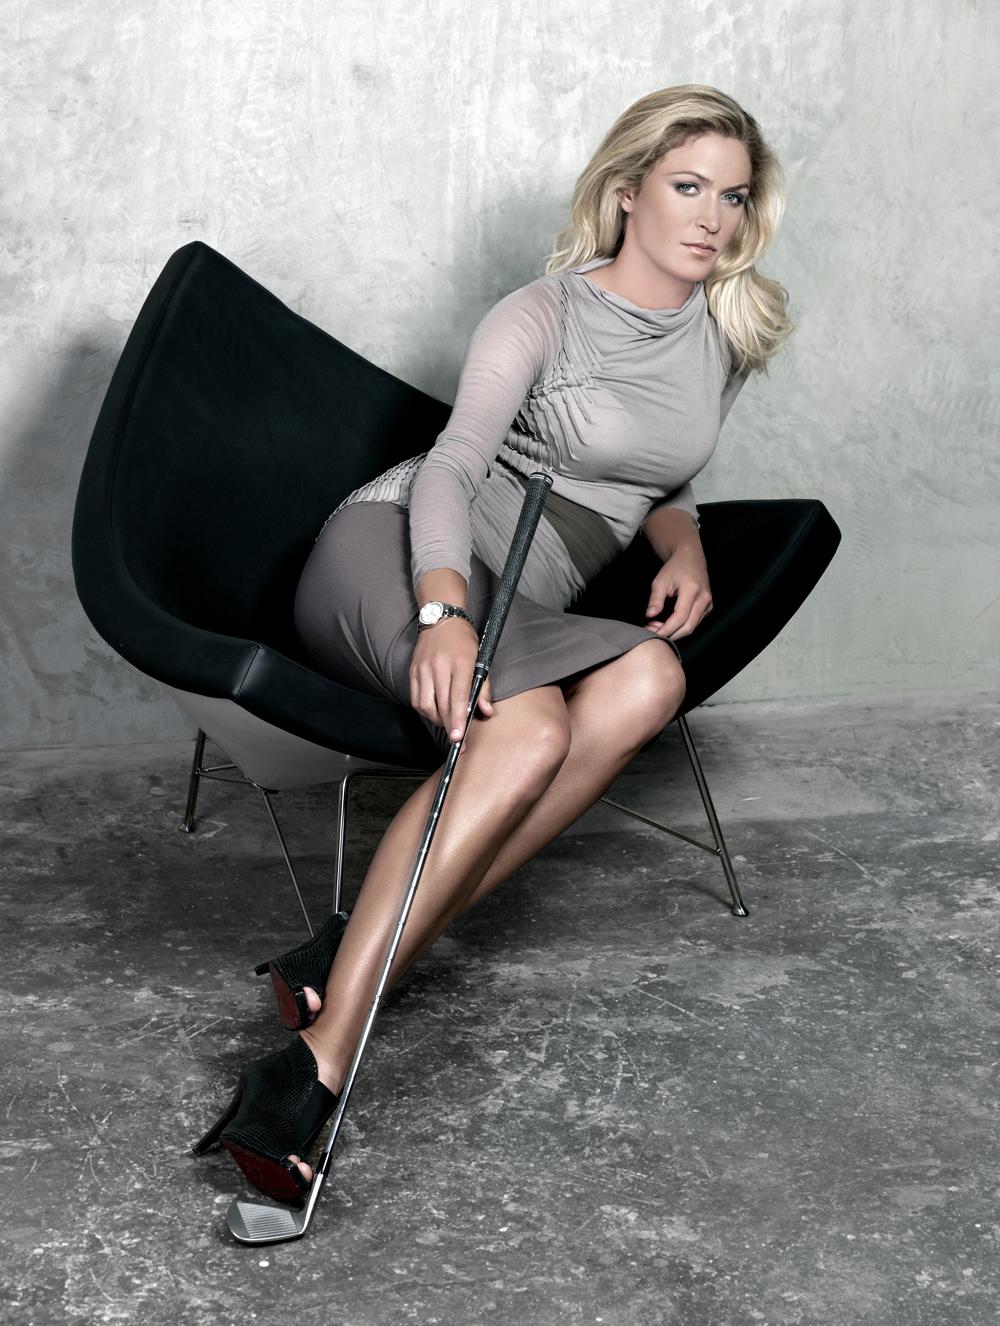 Suzann-Pettersen-Glamour-2.jpg